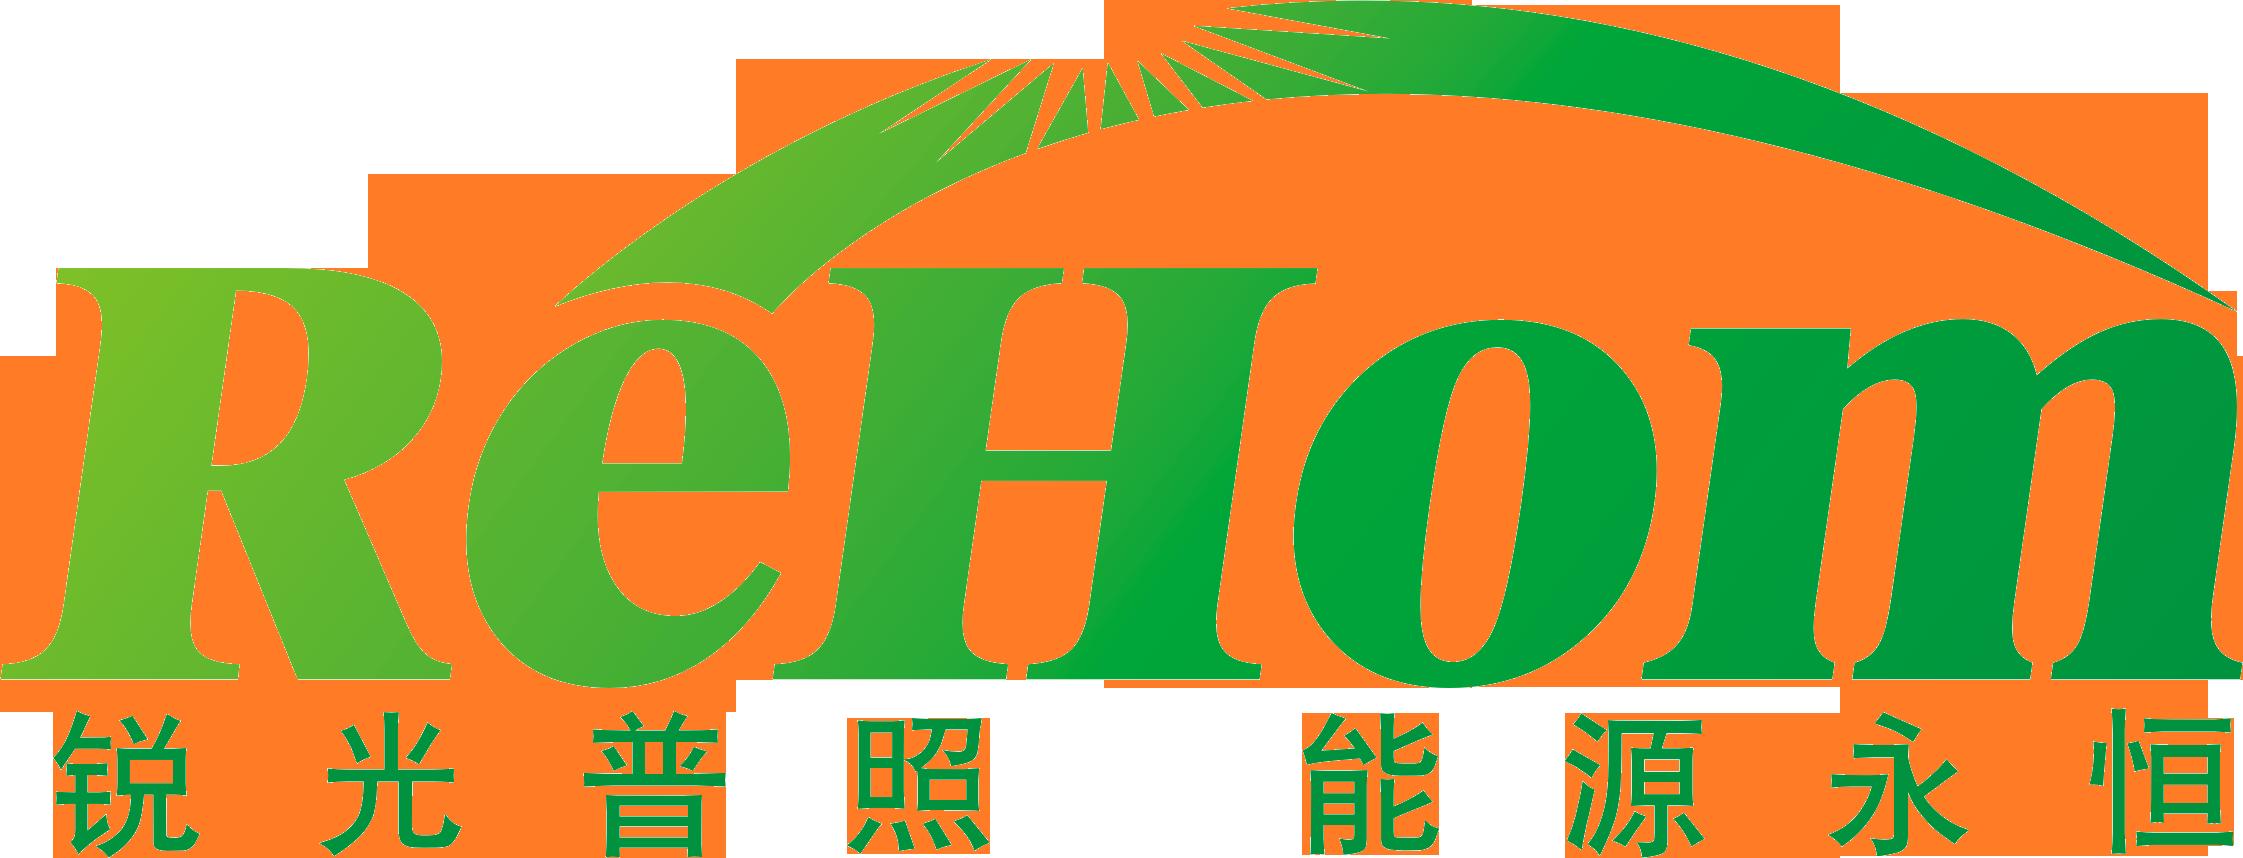 安徽锐恒新能源科技有限公司